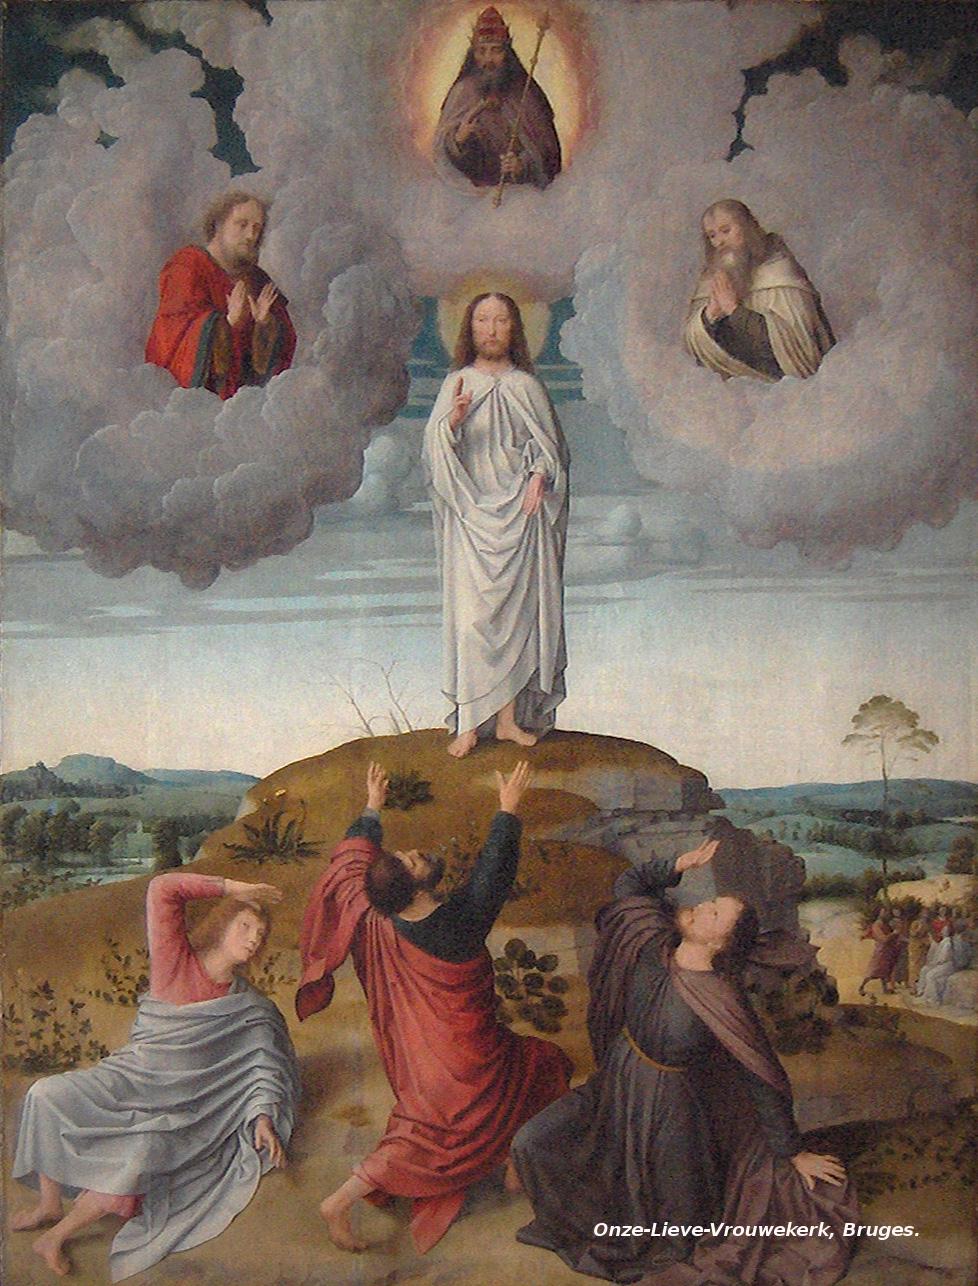 Transfiguration - Onze-Lieve-Vrouwekerk, Bruges, Belgium